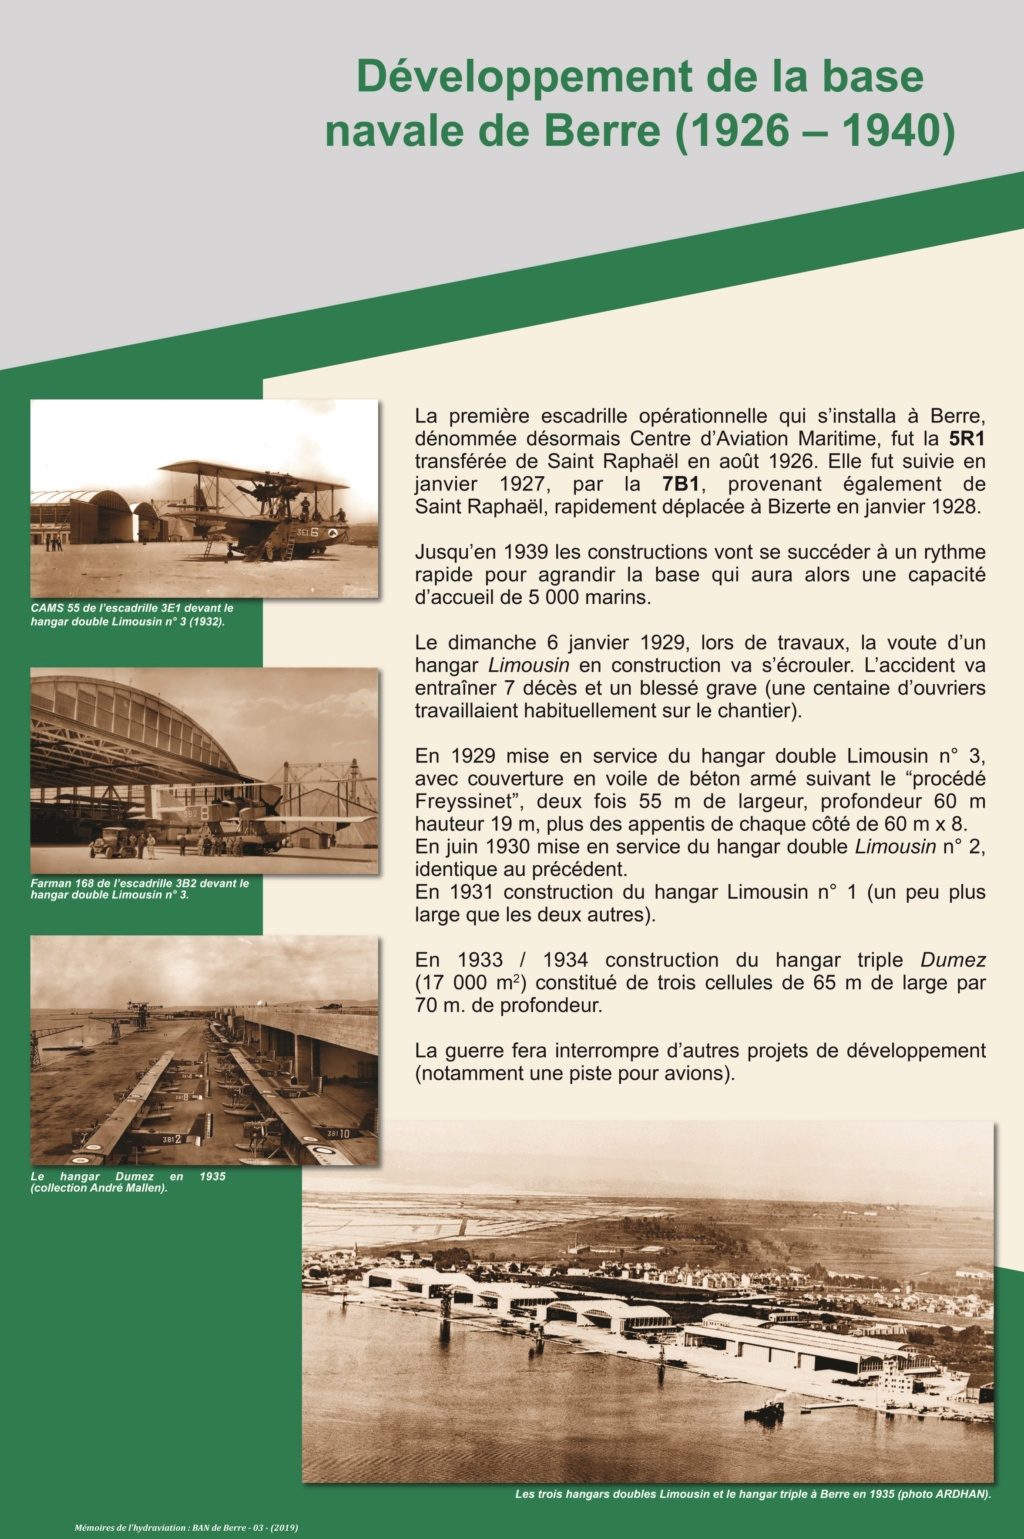 [ Aéronavale divers ] Exposition conférence sur la BAN de Berre P03_dz10